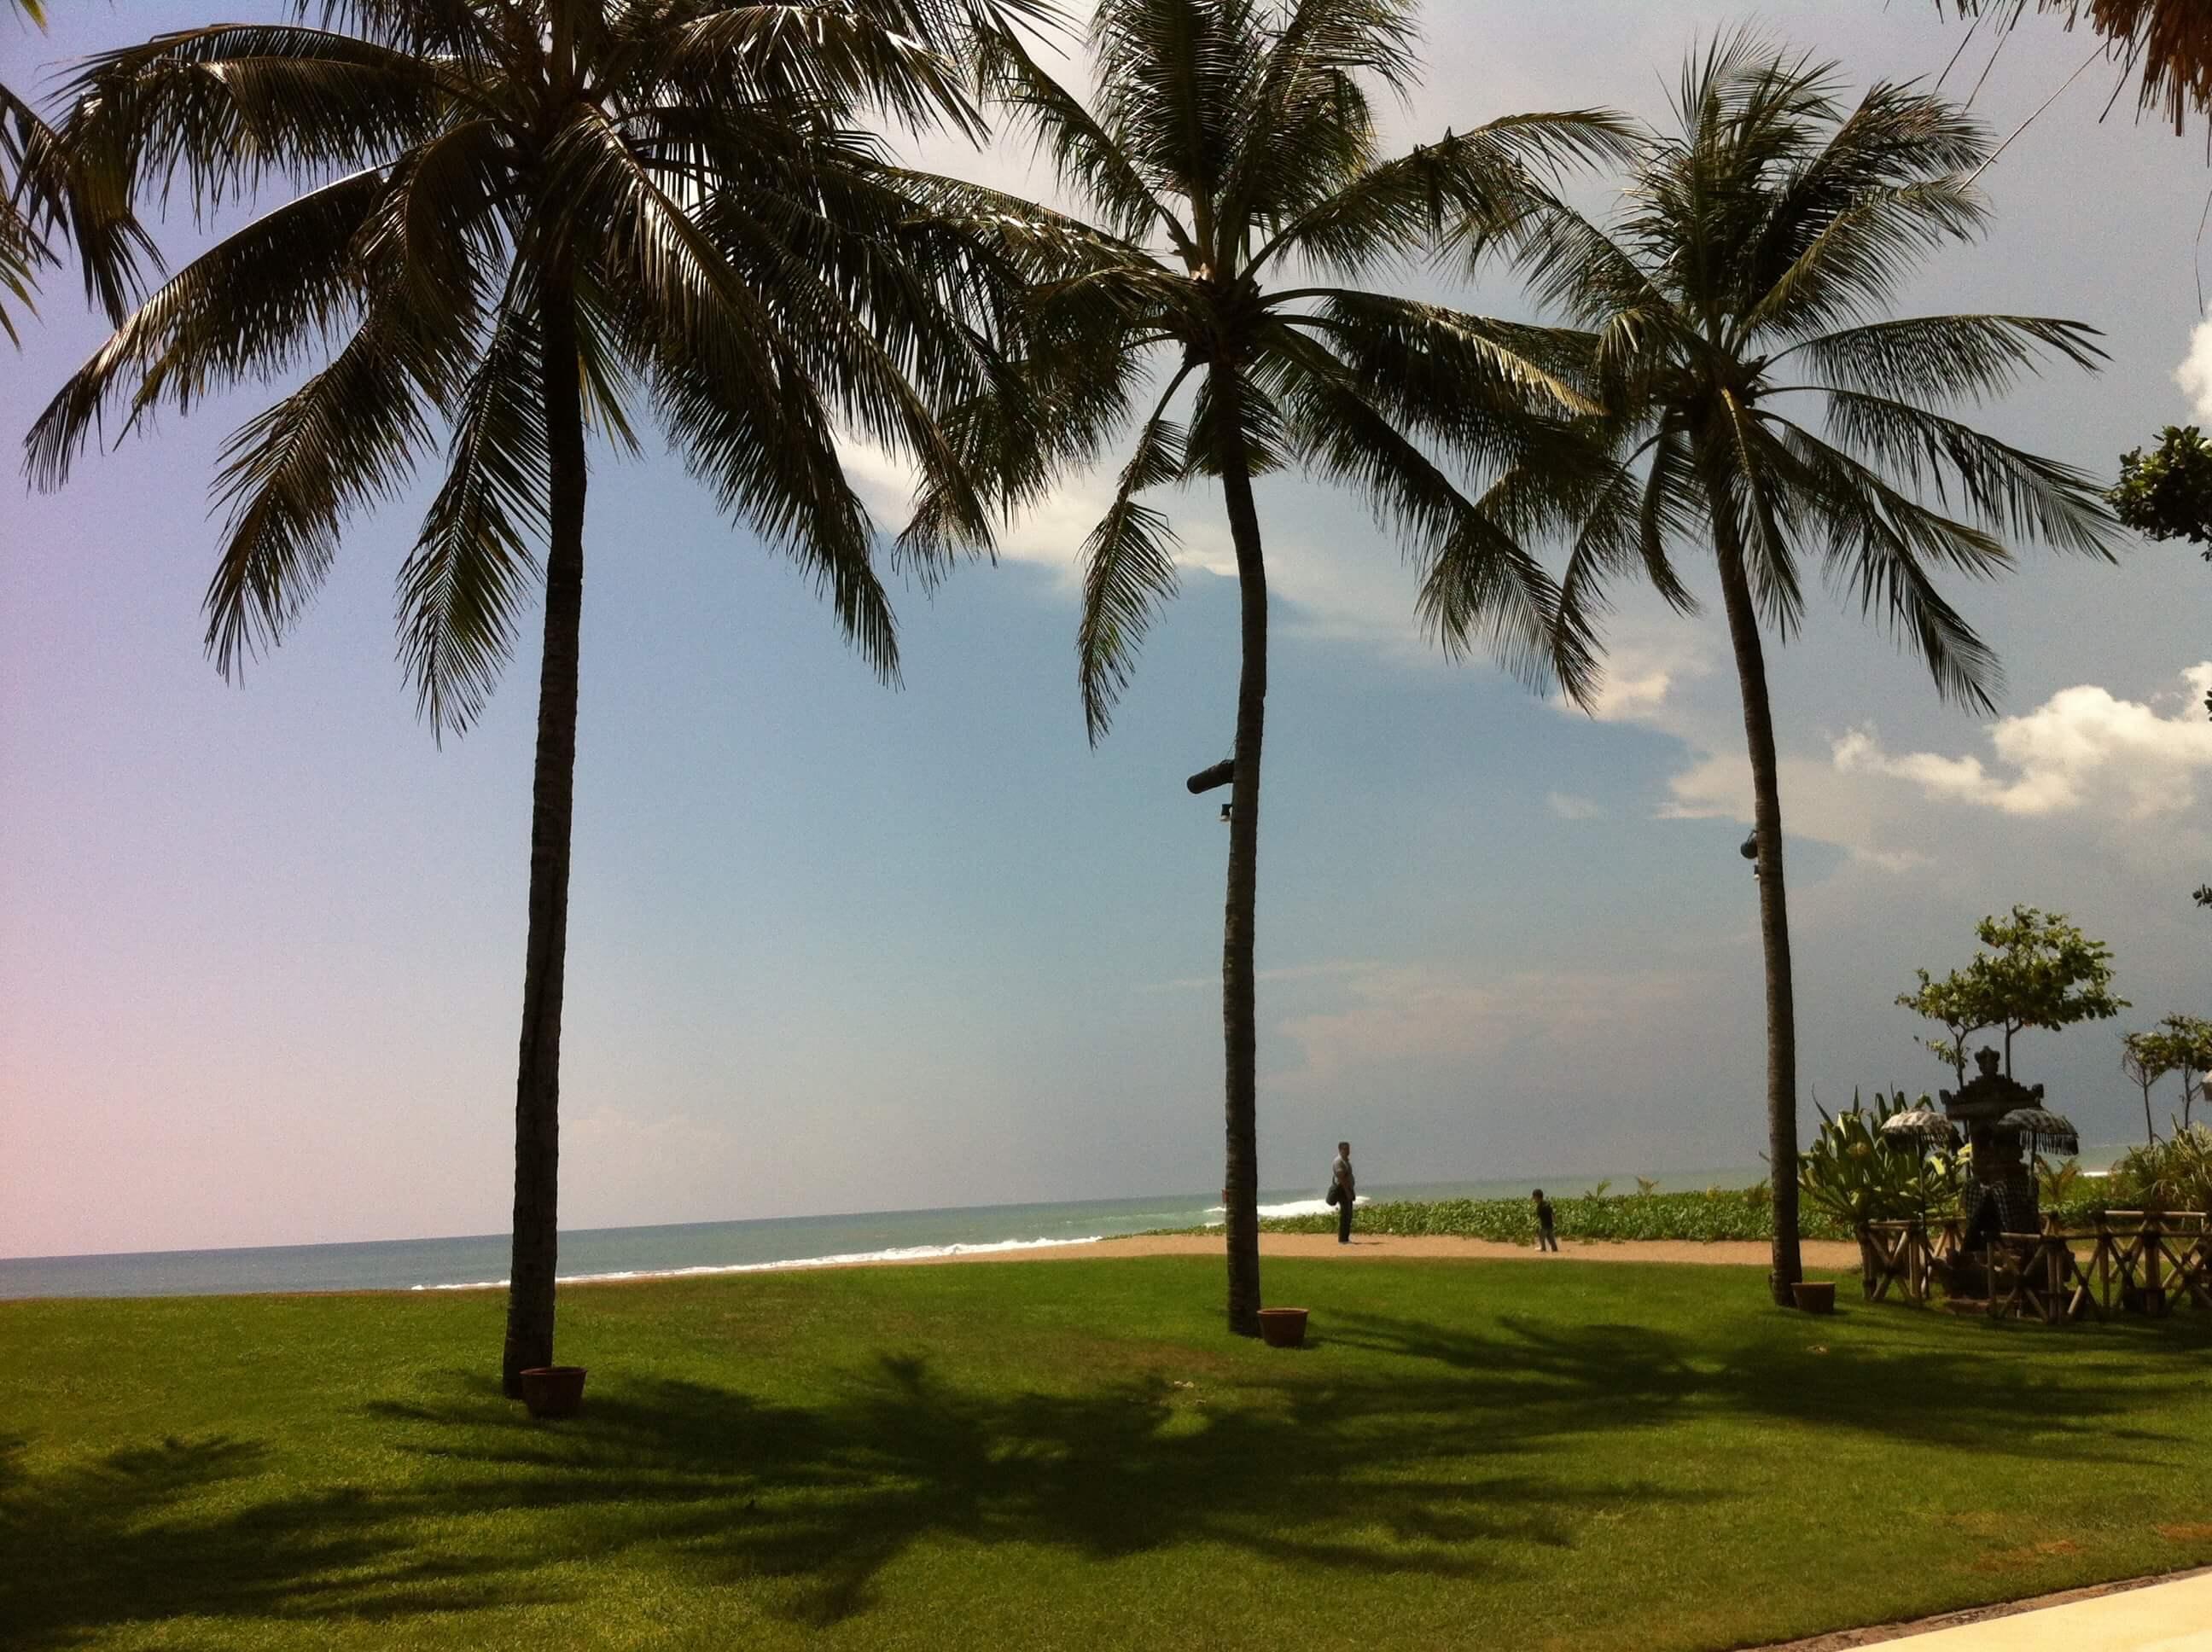 3 tall palm trees on a Bali Beach